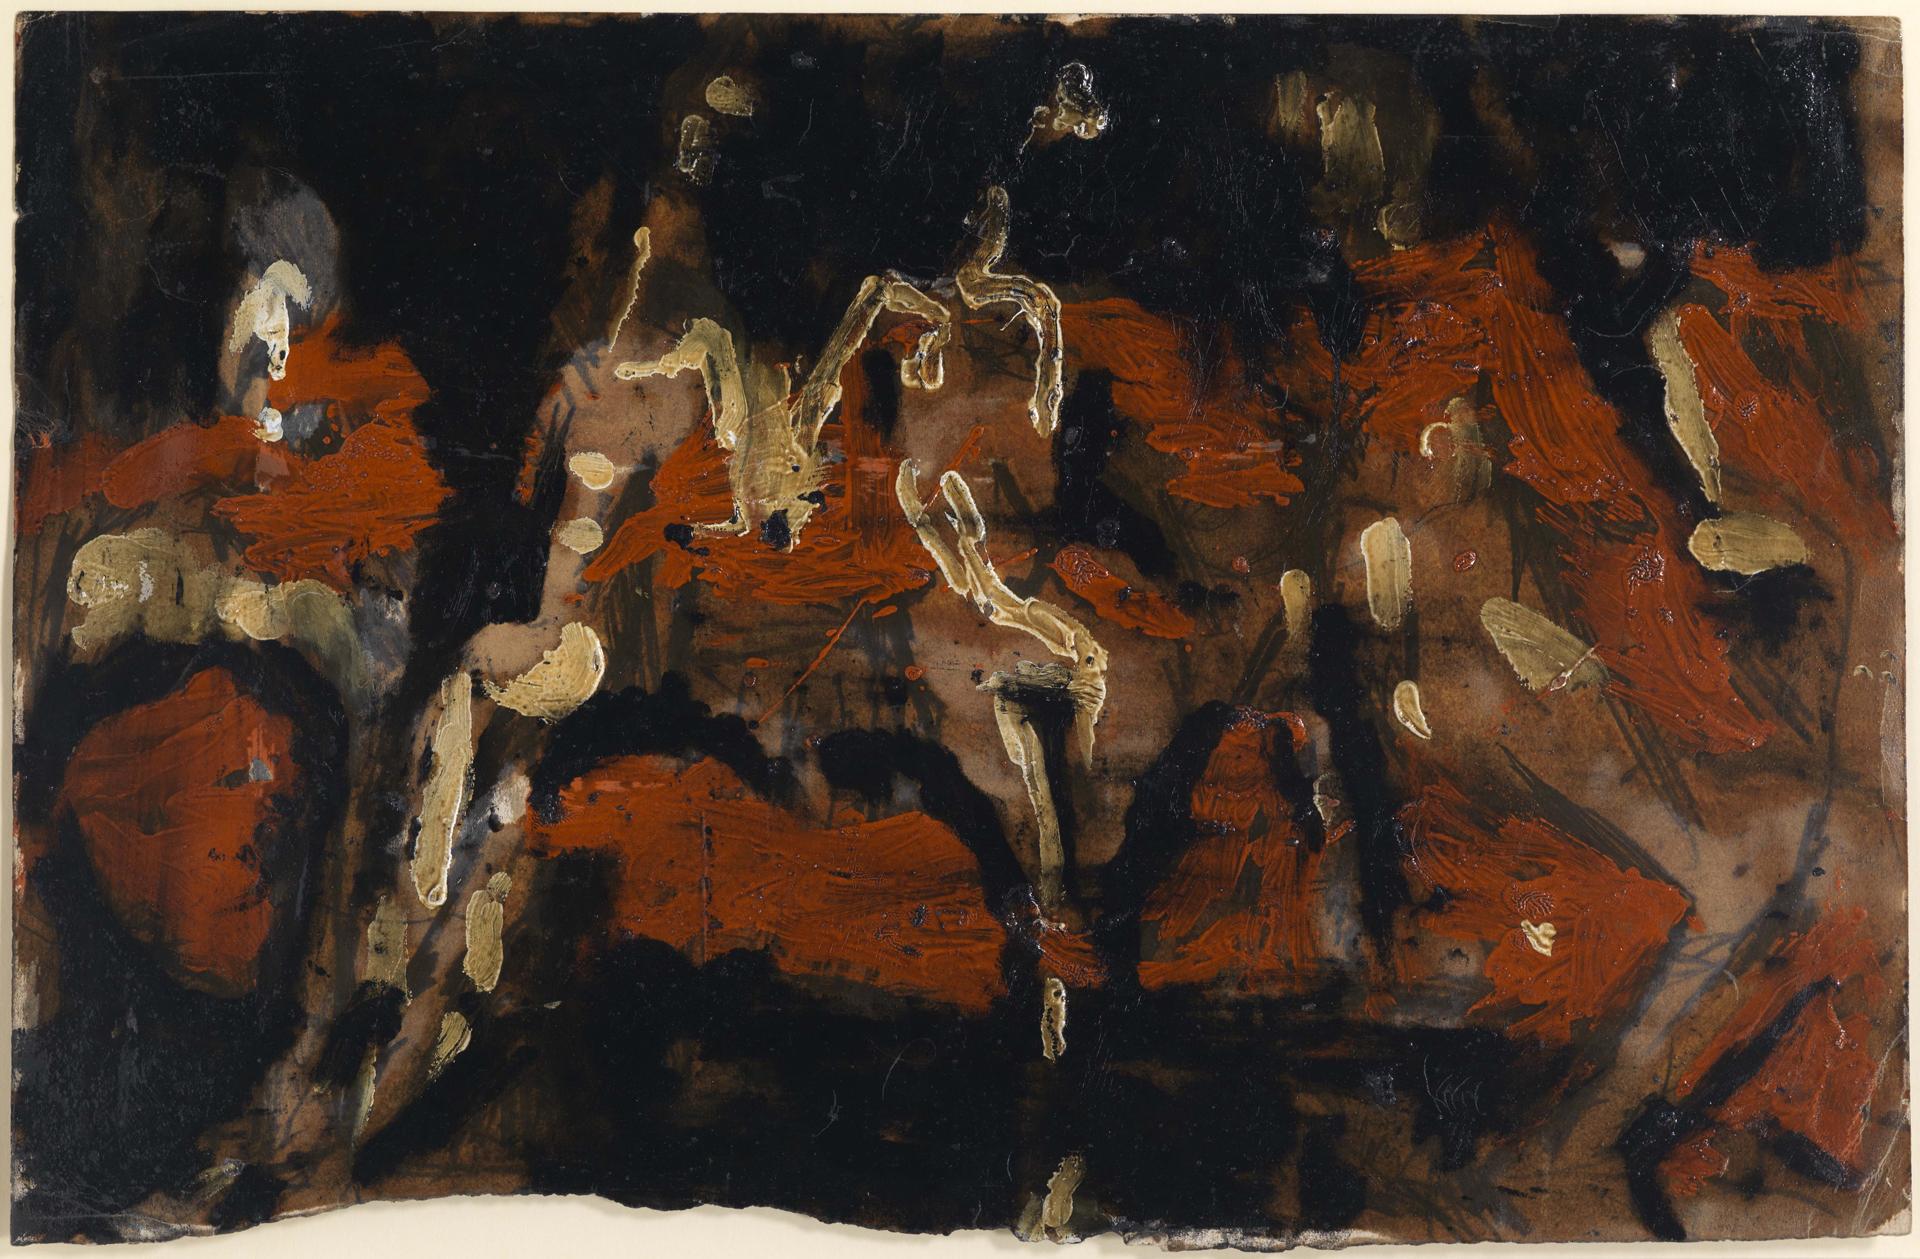 Louis Soutter, Ohne Titel (danse, cinq personnages?), verso: skizzenhafte Darstellung einer Person, um 1936/1937, Öl auf Karton, 32,3 x 49,8 cm